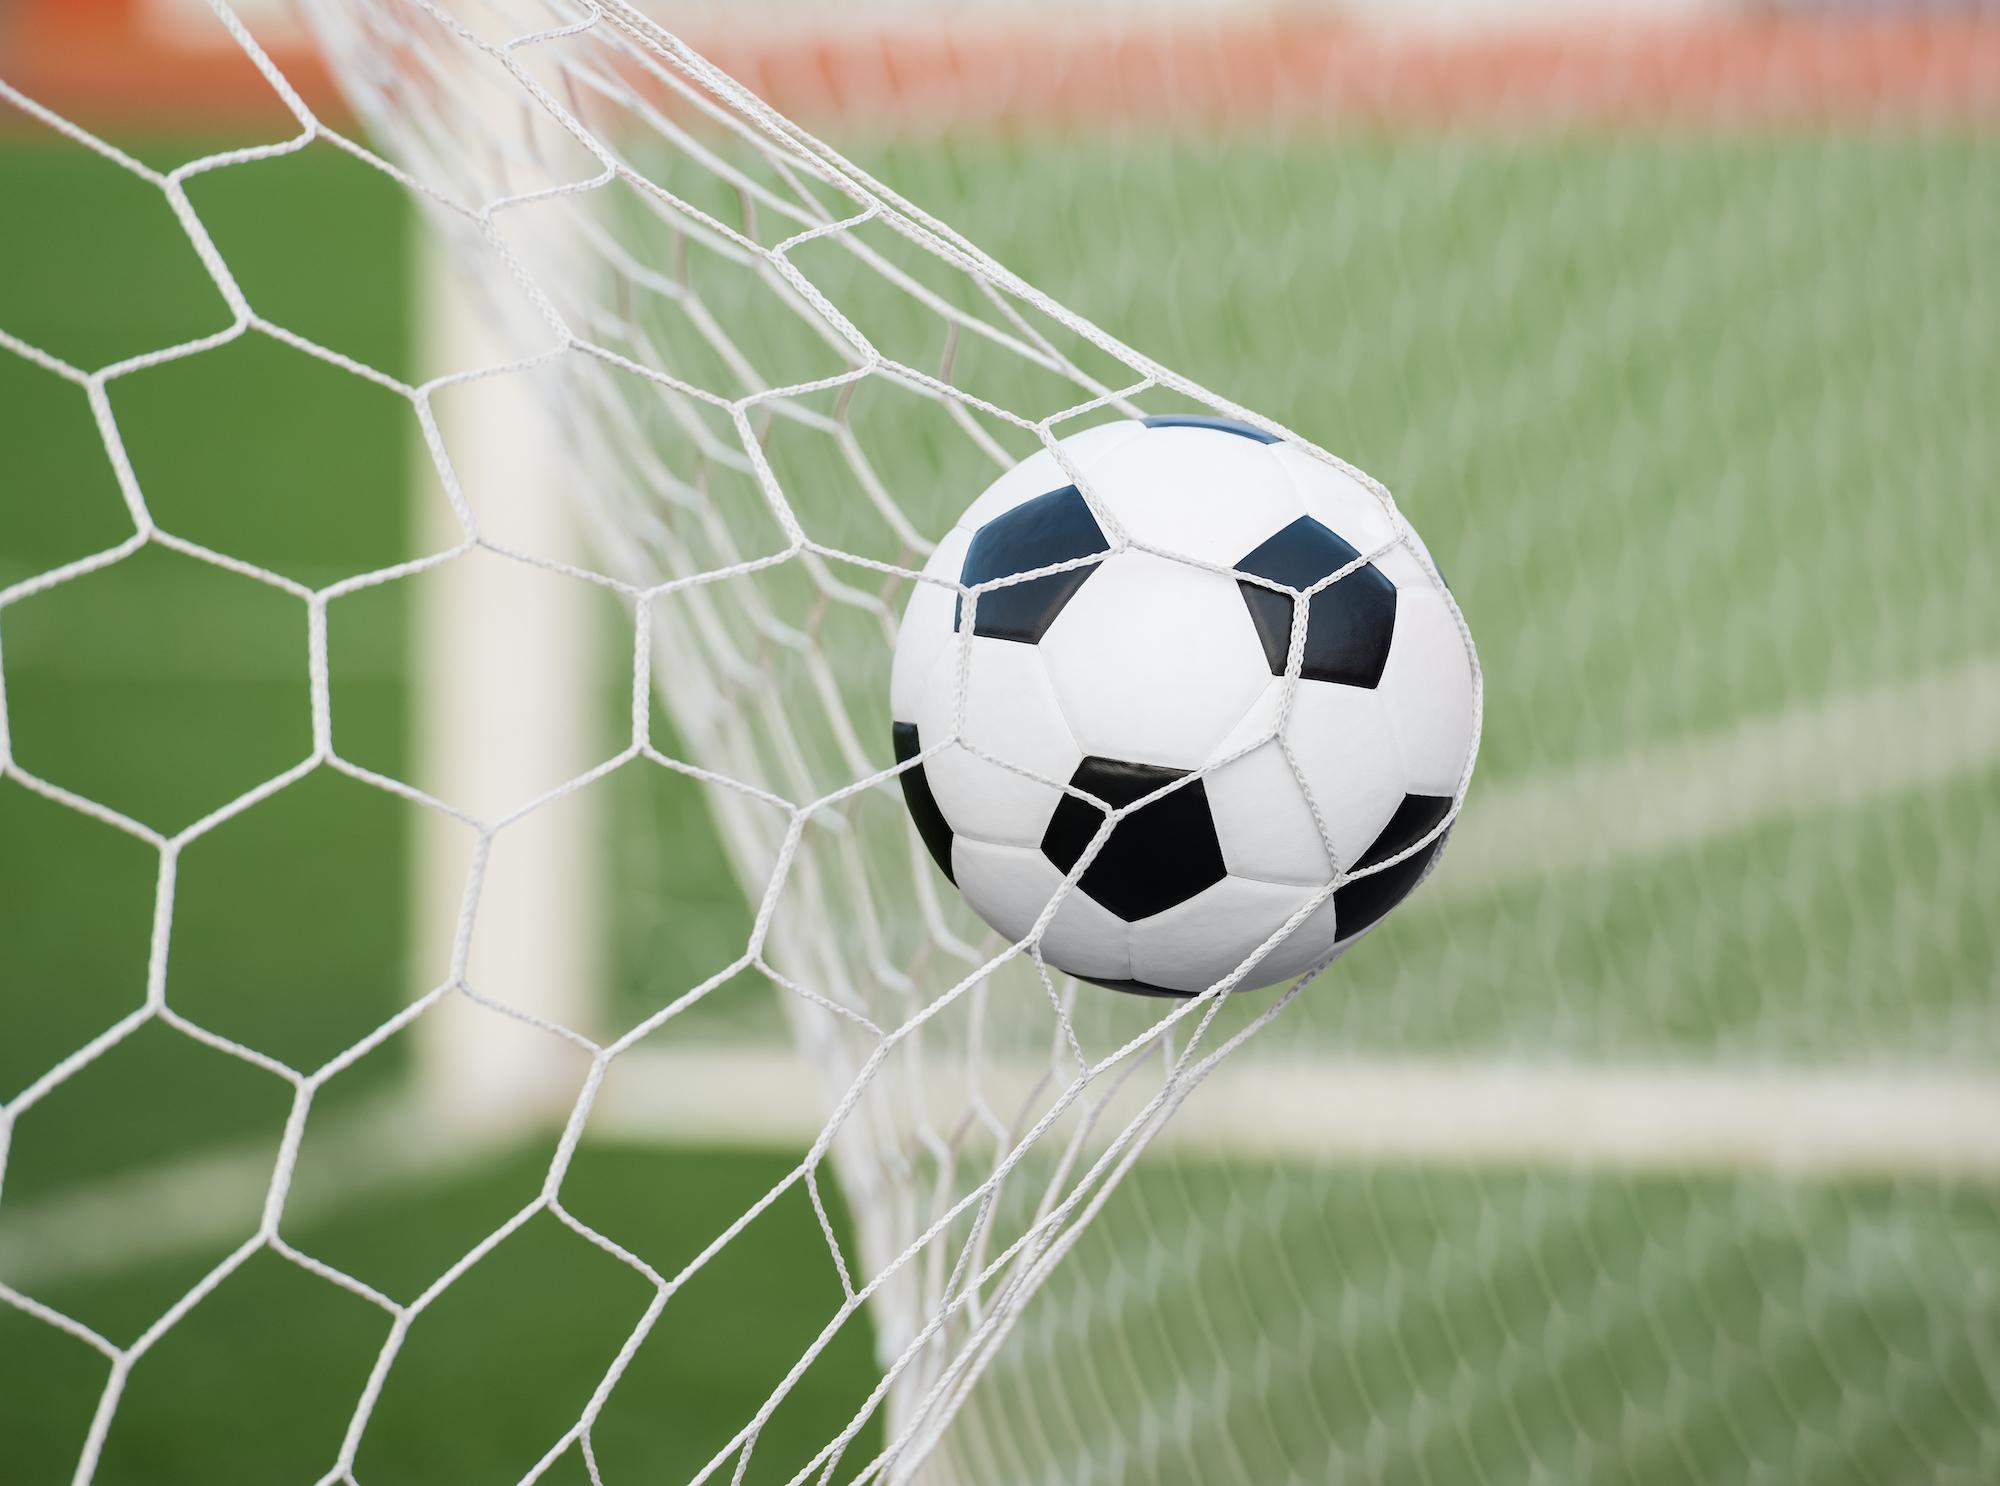 Ein Fußball in einem Tor